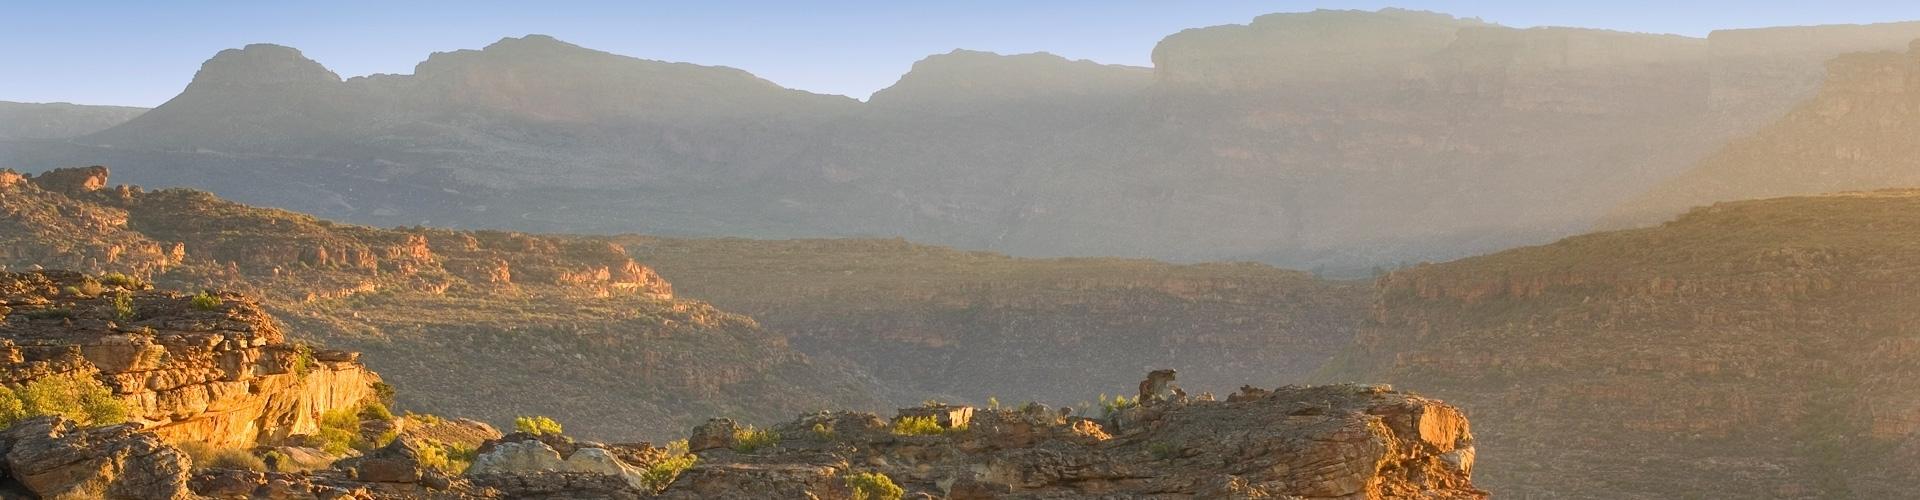 header-cederberge-informatie-zuid-afrika-1920x500-1